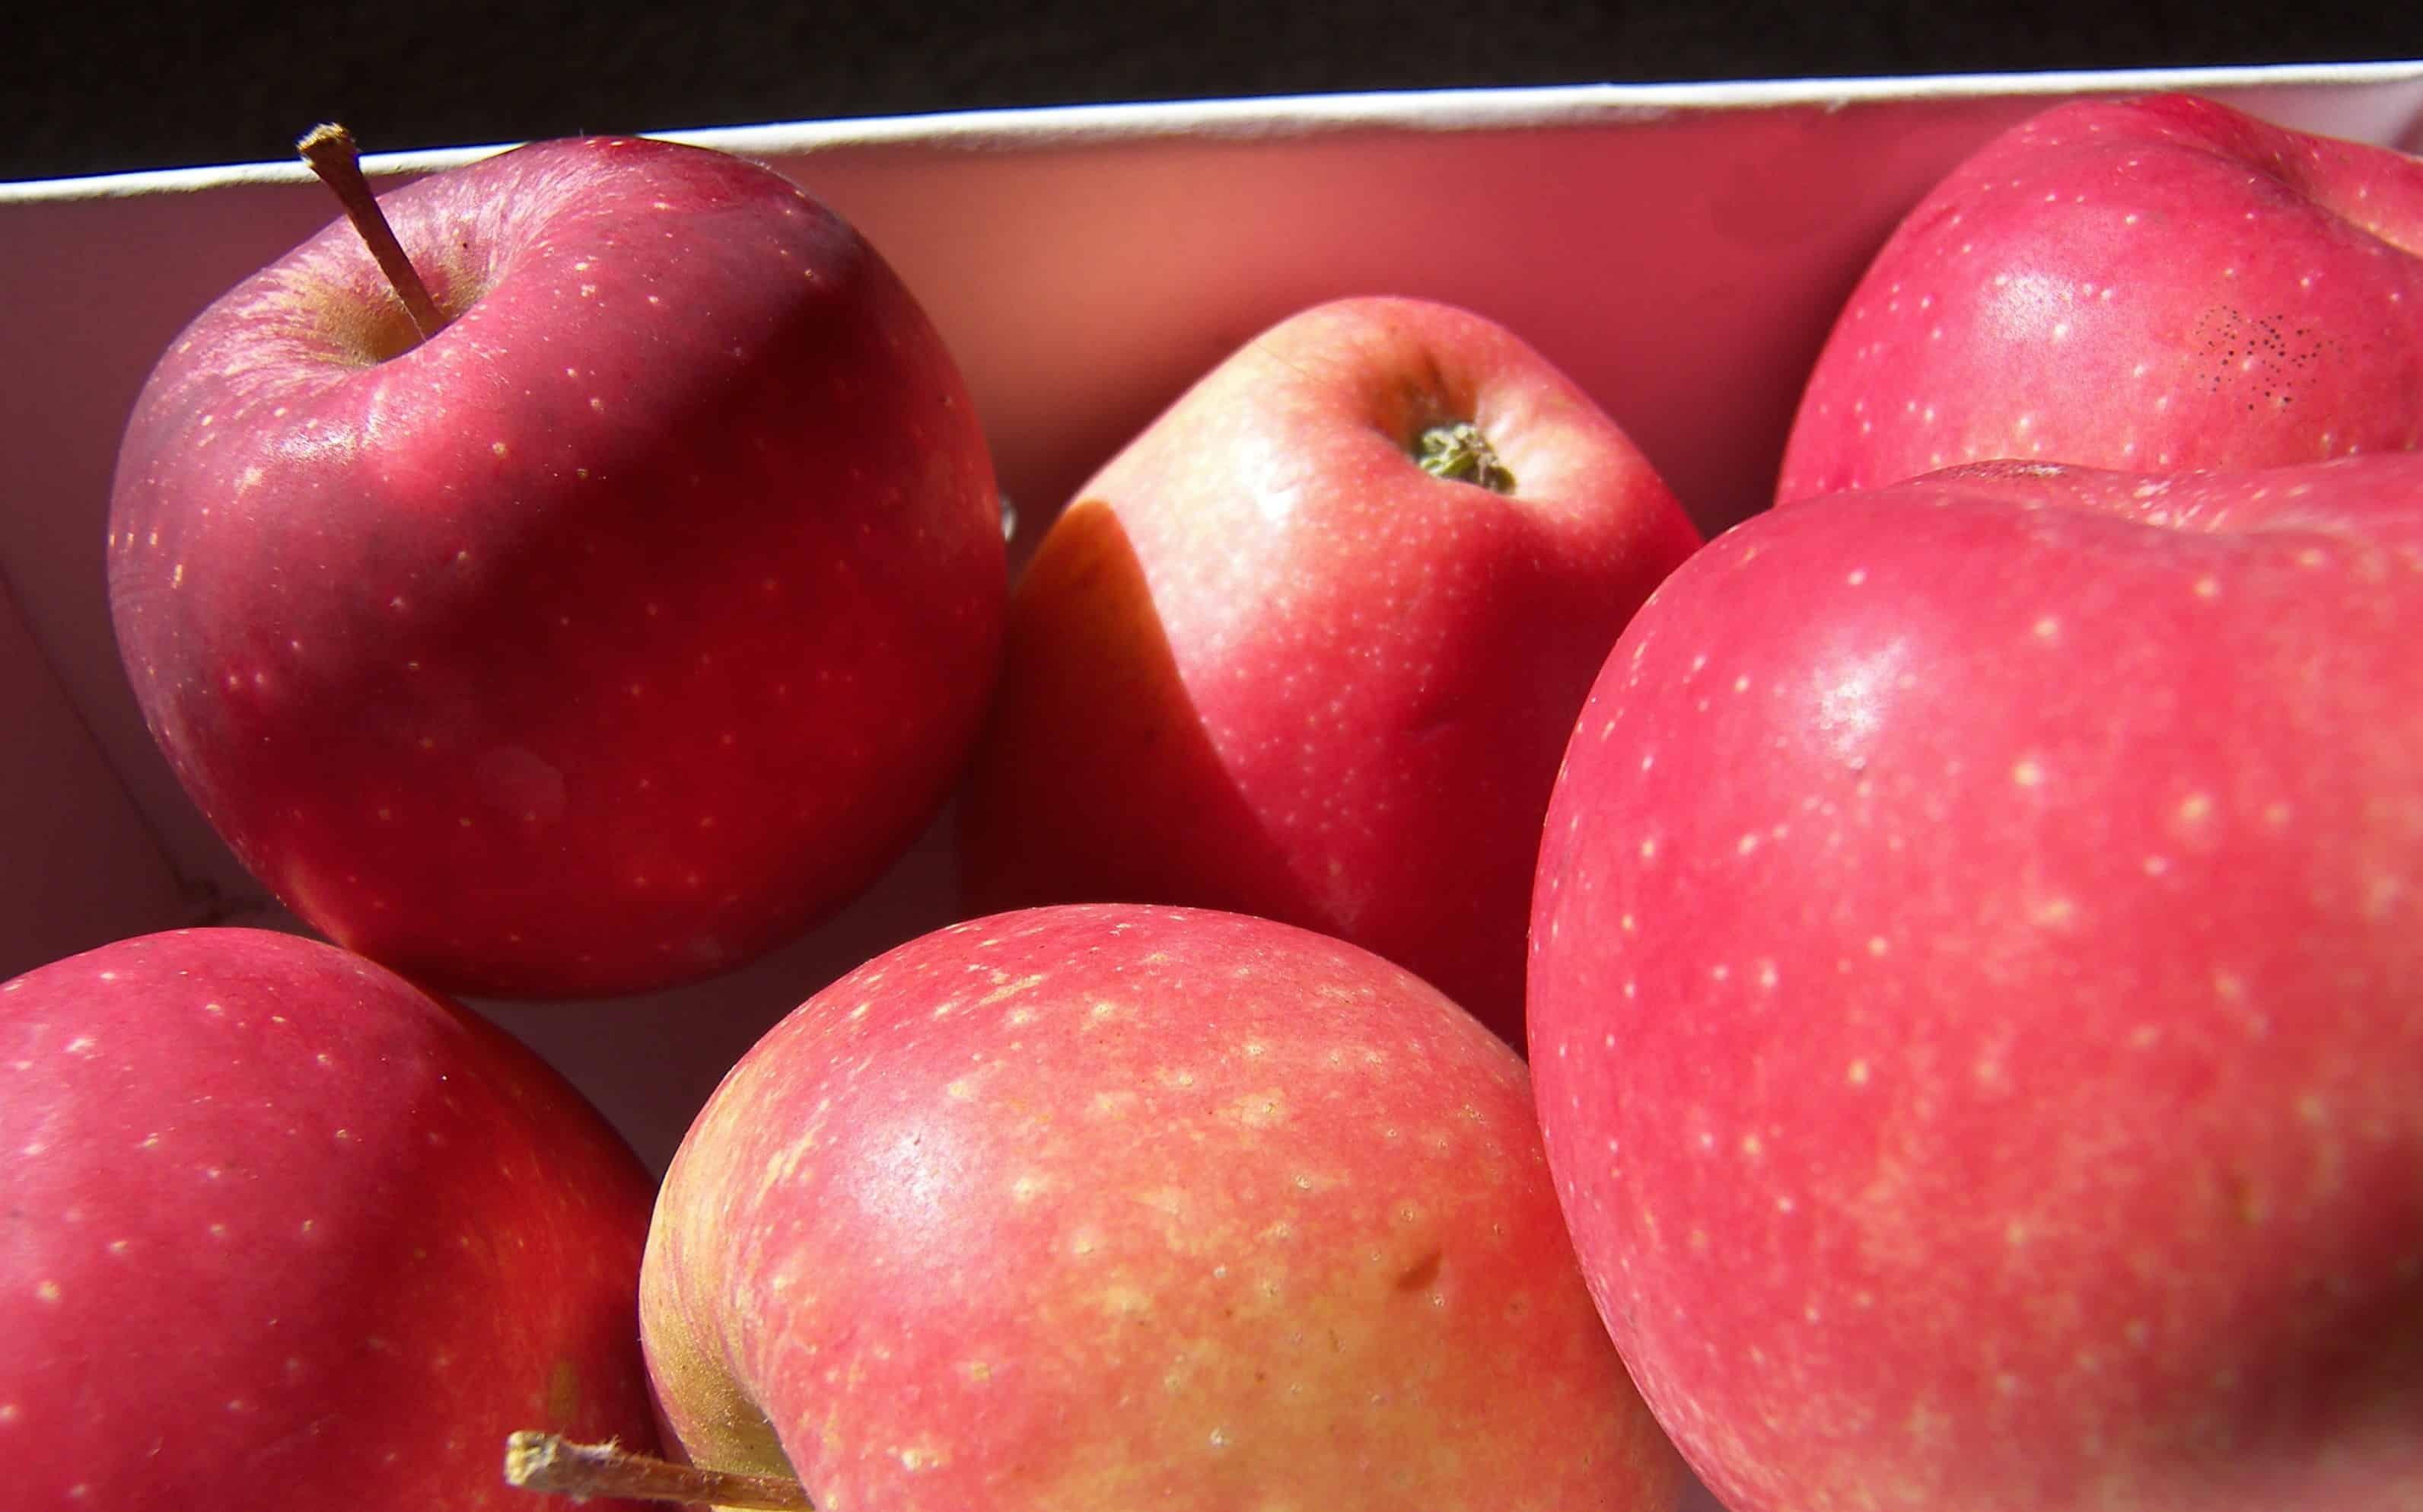 кодексы фотки яблоки делишес подруга